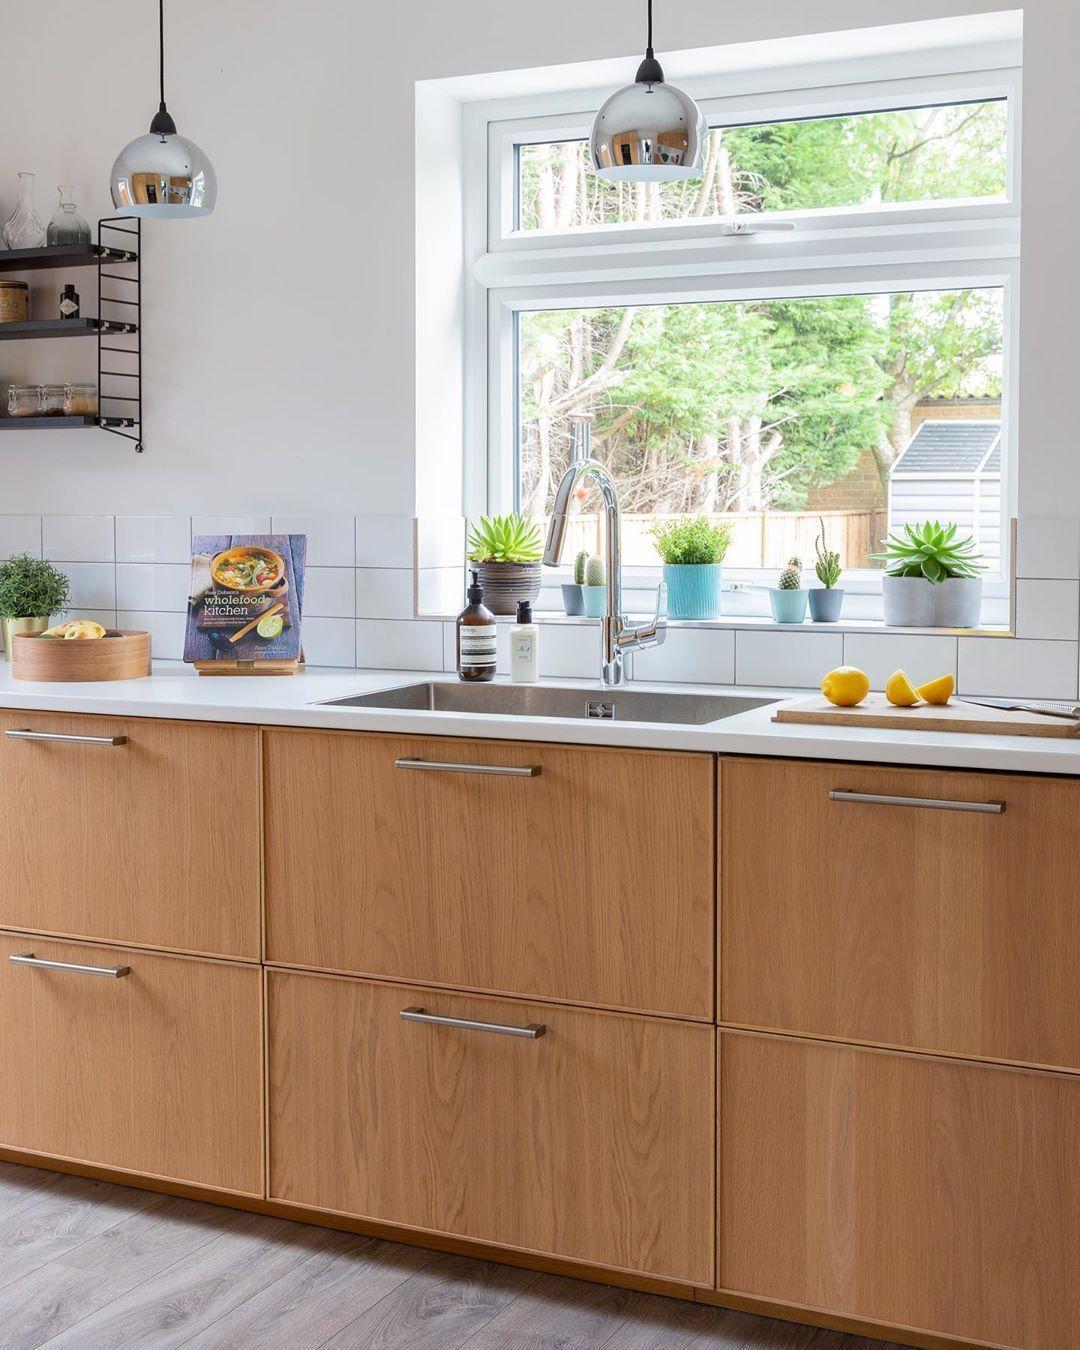 Ikea Ekestad kitchenekestad ikea kitchen Kjøkken i